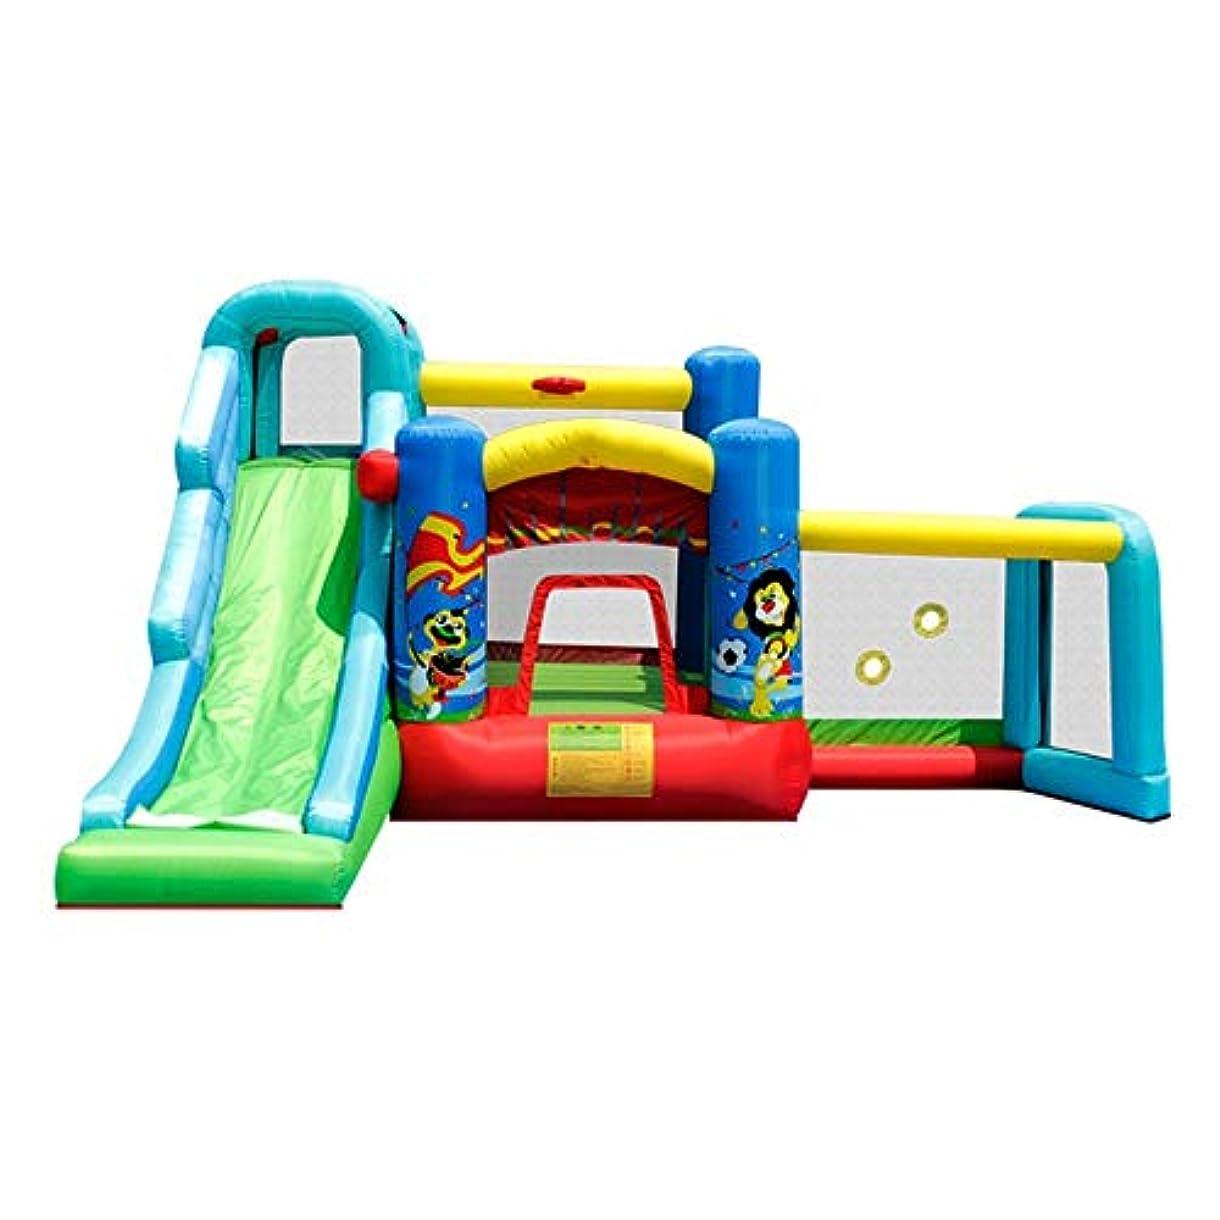 最も遠い些細な磨かれた弾力がある城 子供のためのスライドブロアーでインフレータブルBouncy Castleの屋内屋外のバウンスハウストランポリン屋内Playゲーム 子供の遊び場 (色 : Inflatable Castle, サイズ : 450x360x245cm)